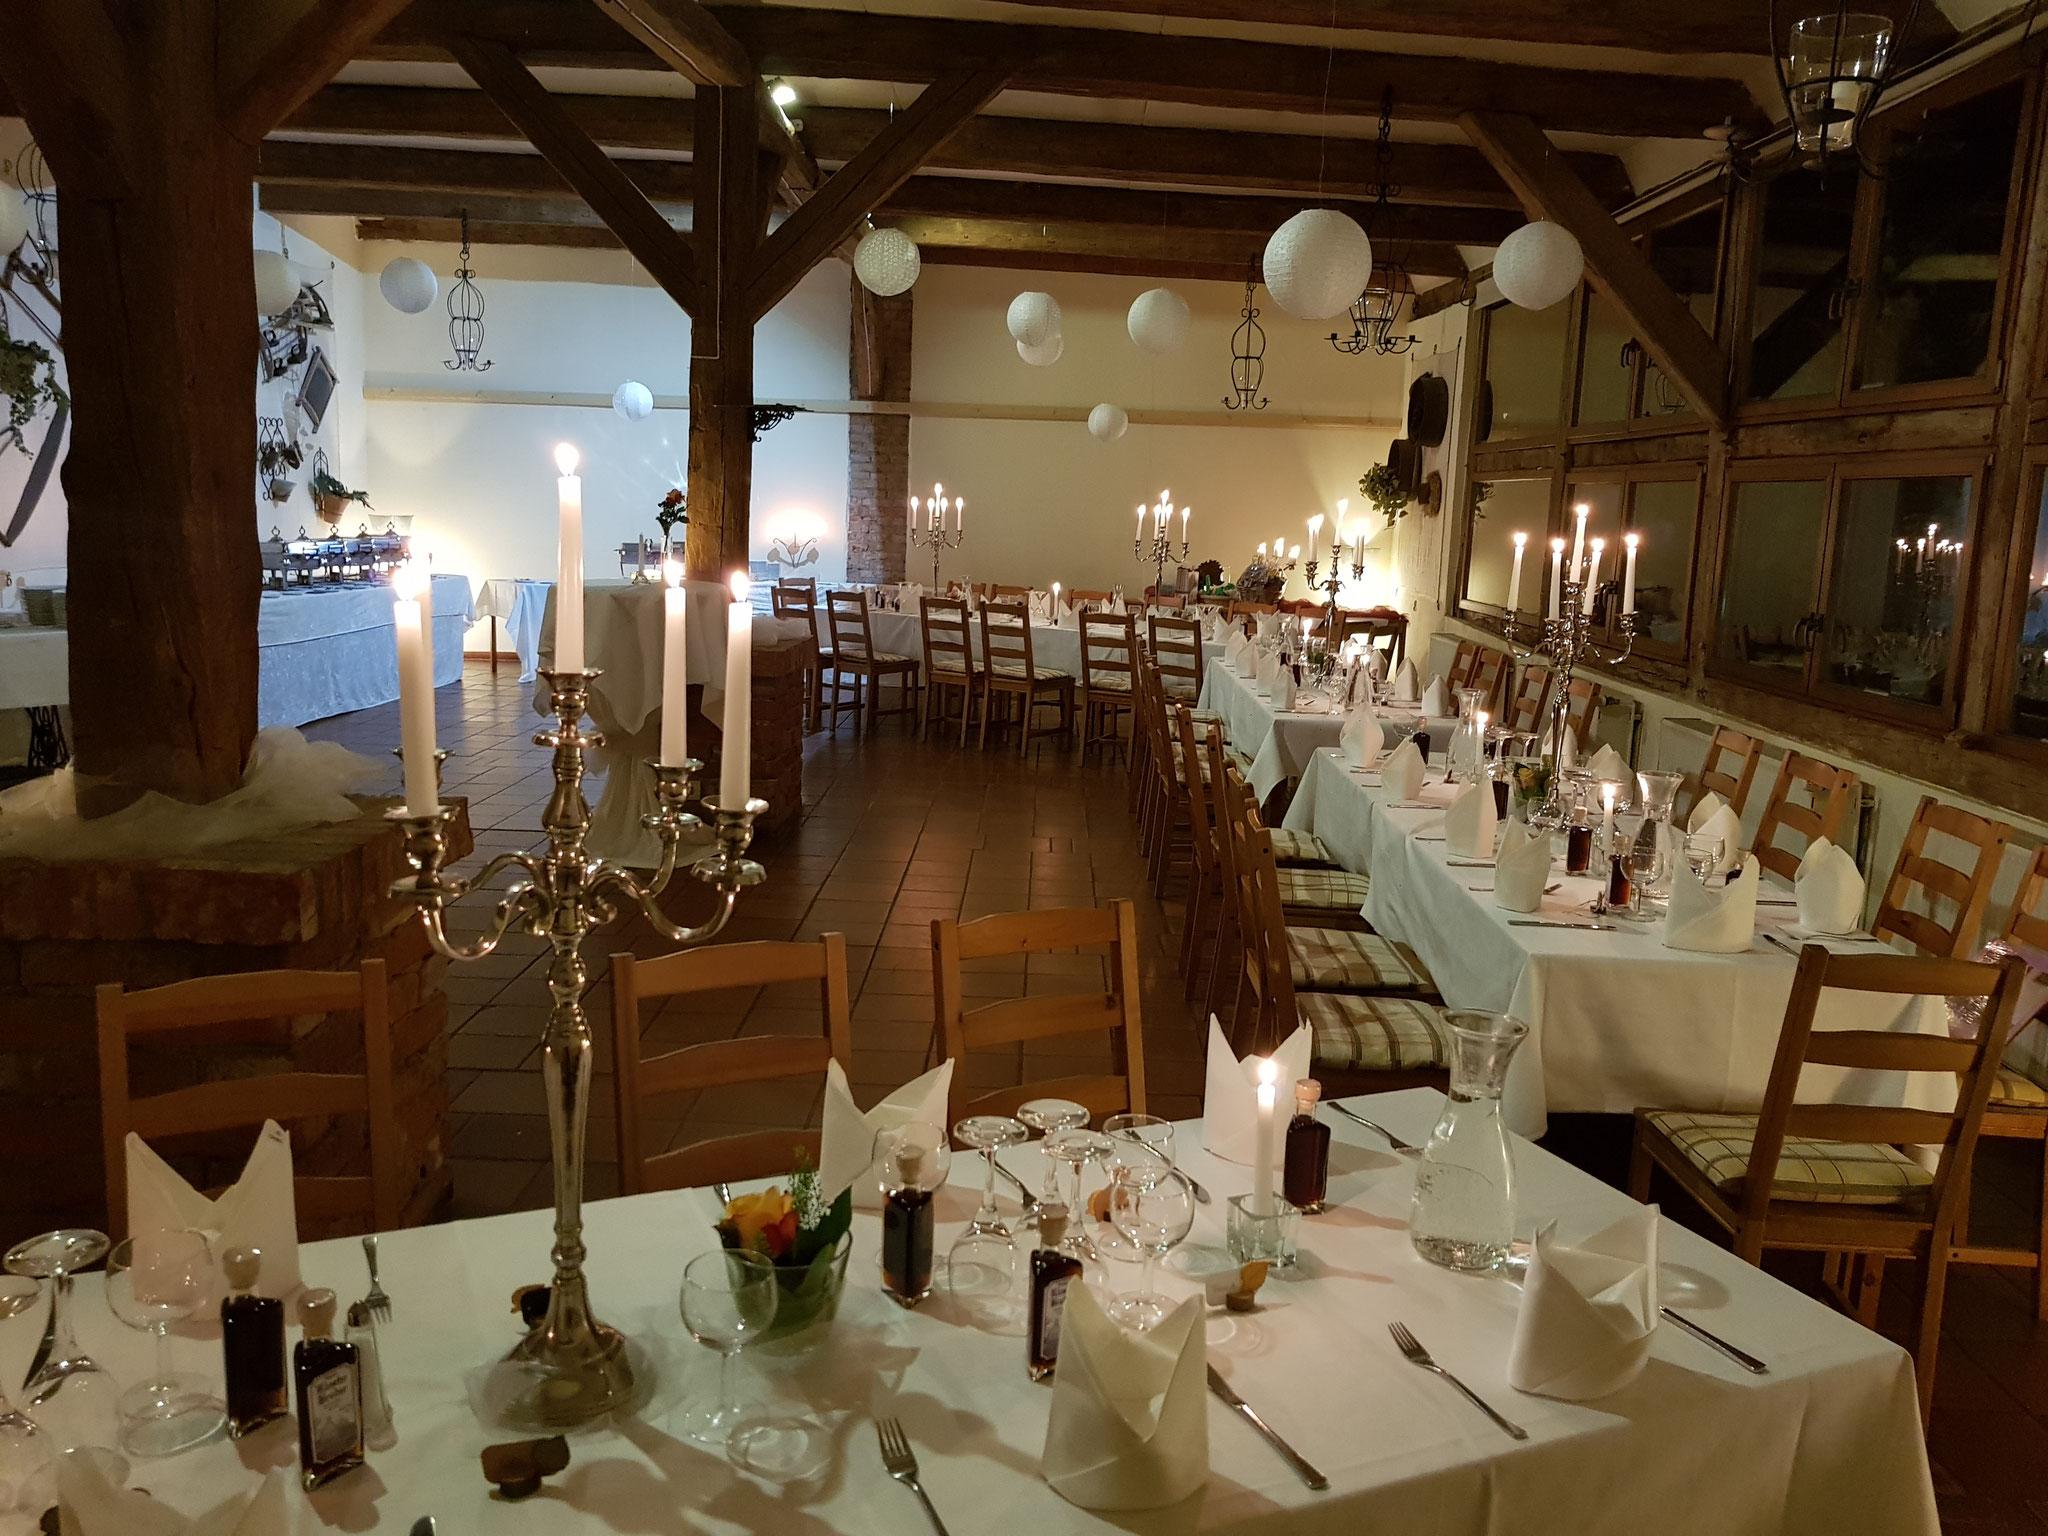 Festlich feiern im Hotel Alte Försterei Kloster Zinna